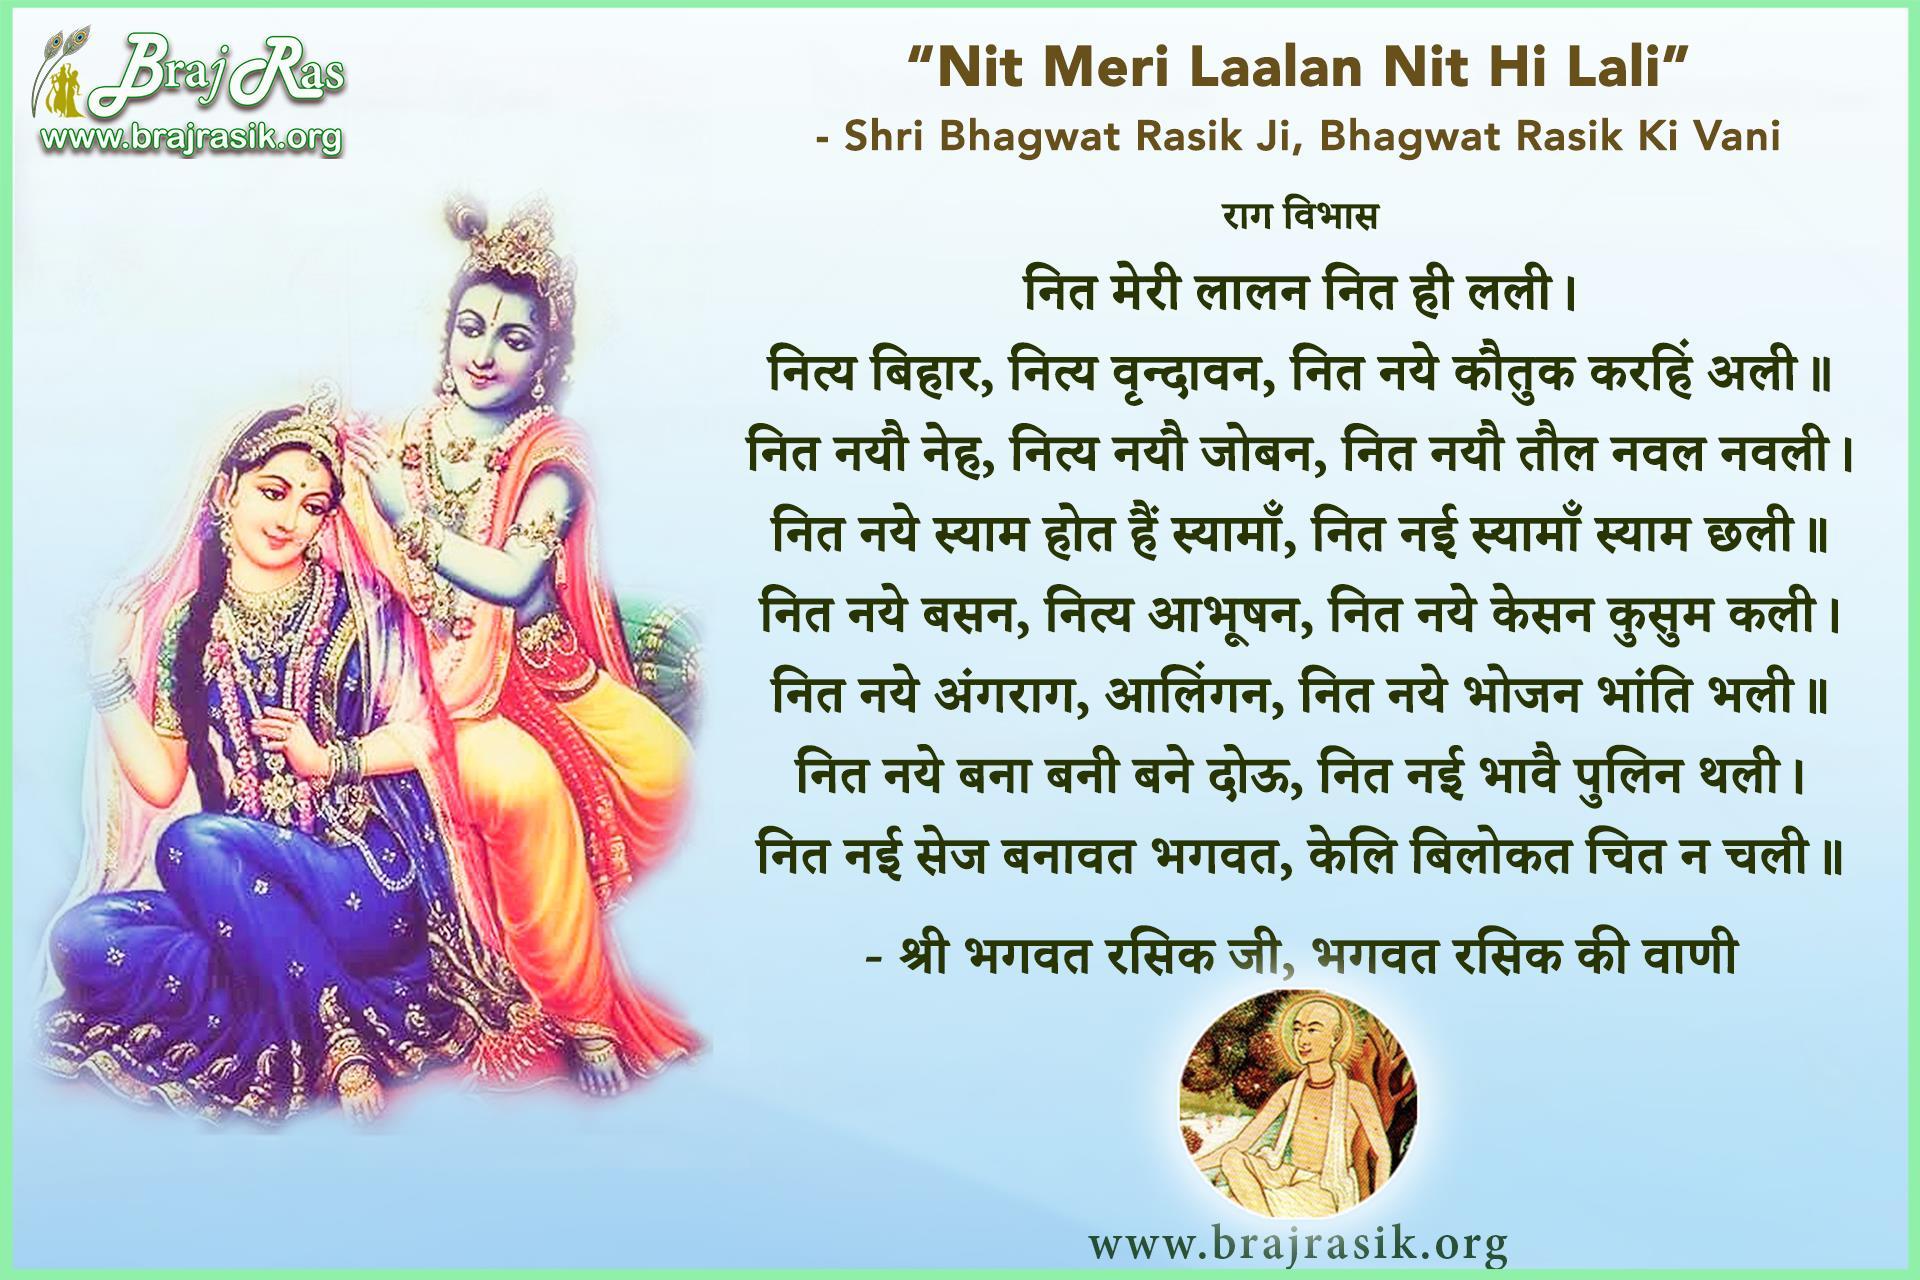 Nit Mero Laalan Nit Hi Lali - Shri Bhagwat Rasik Ji, Bhagwat Rasik Ki Vani